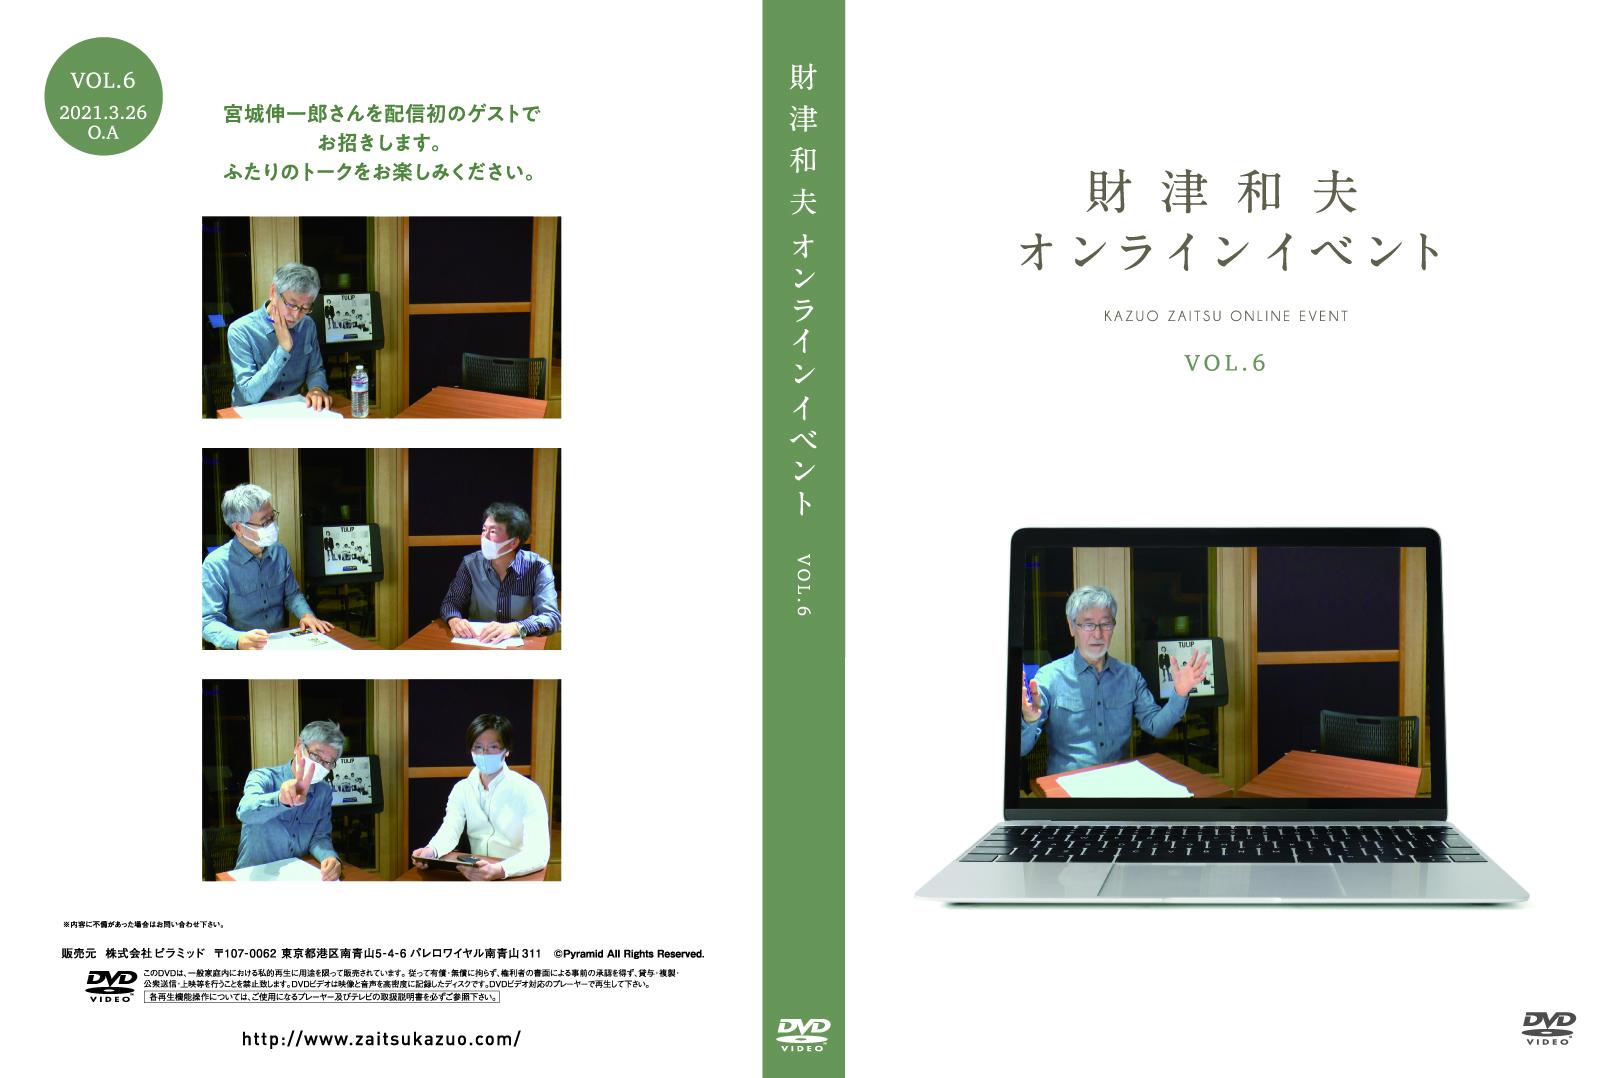 財津和夫オンラインイベントDVD Vol.6 - 画像1